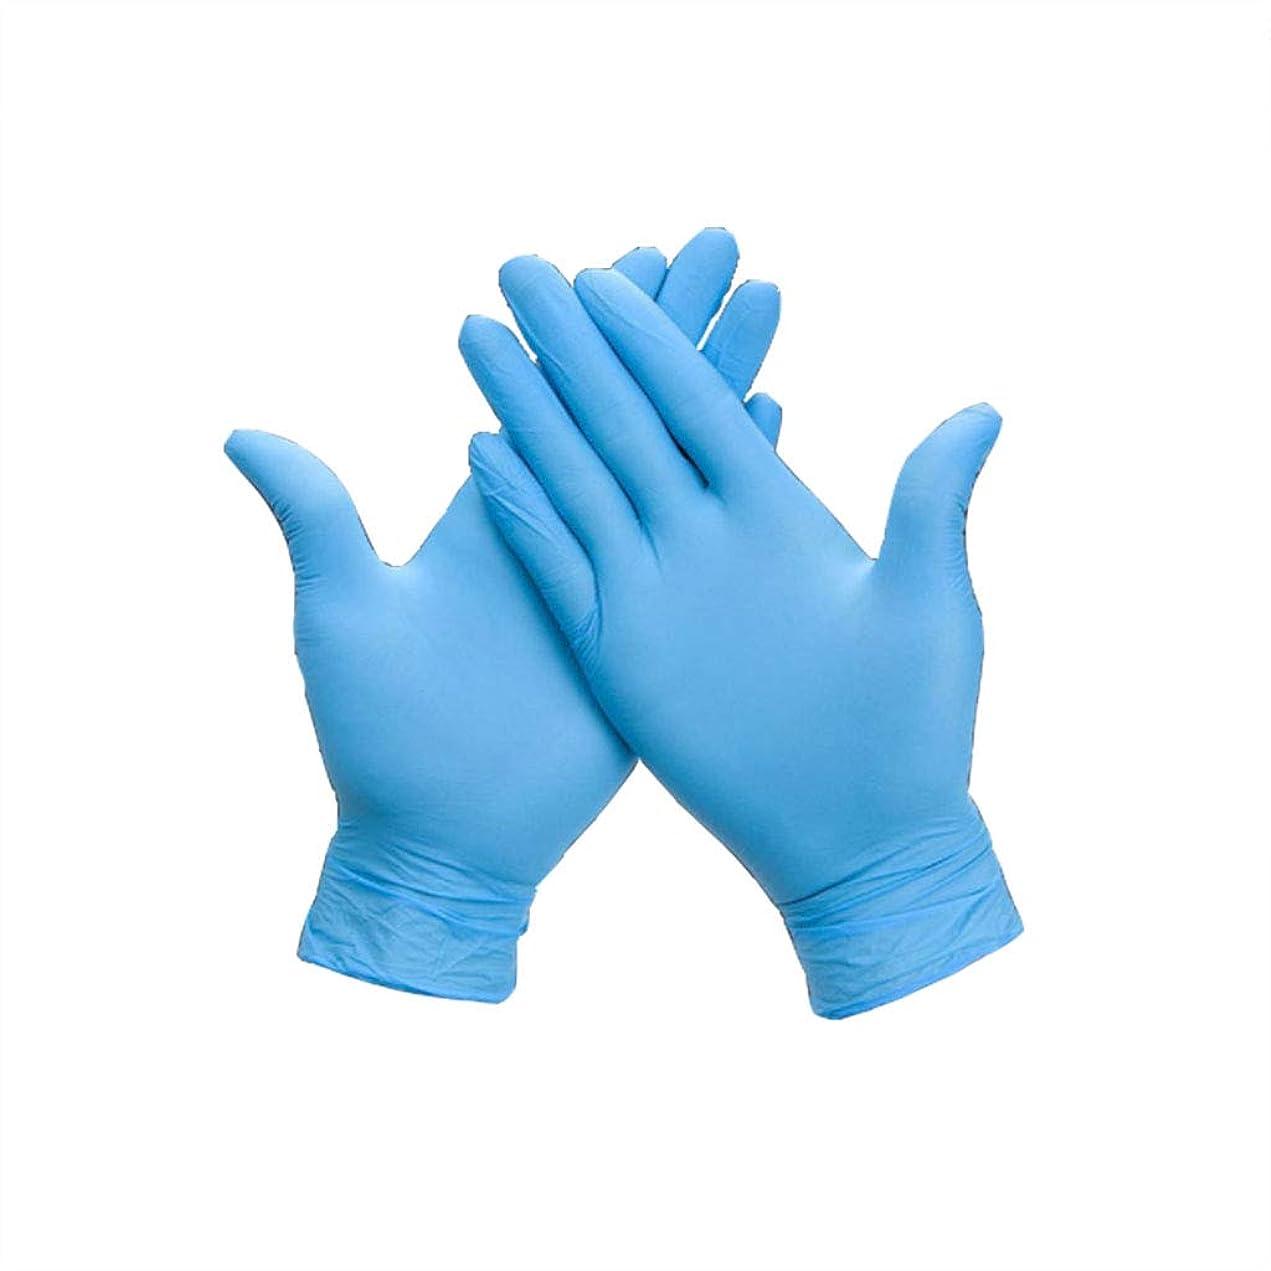 プラットフォーム知り合い膿瘍手袋使い捨ての健康診断ニトリル手袋食品グレード輸入青粉フリー丁清の手袋200 (サイズ さいず : L l)